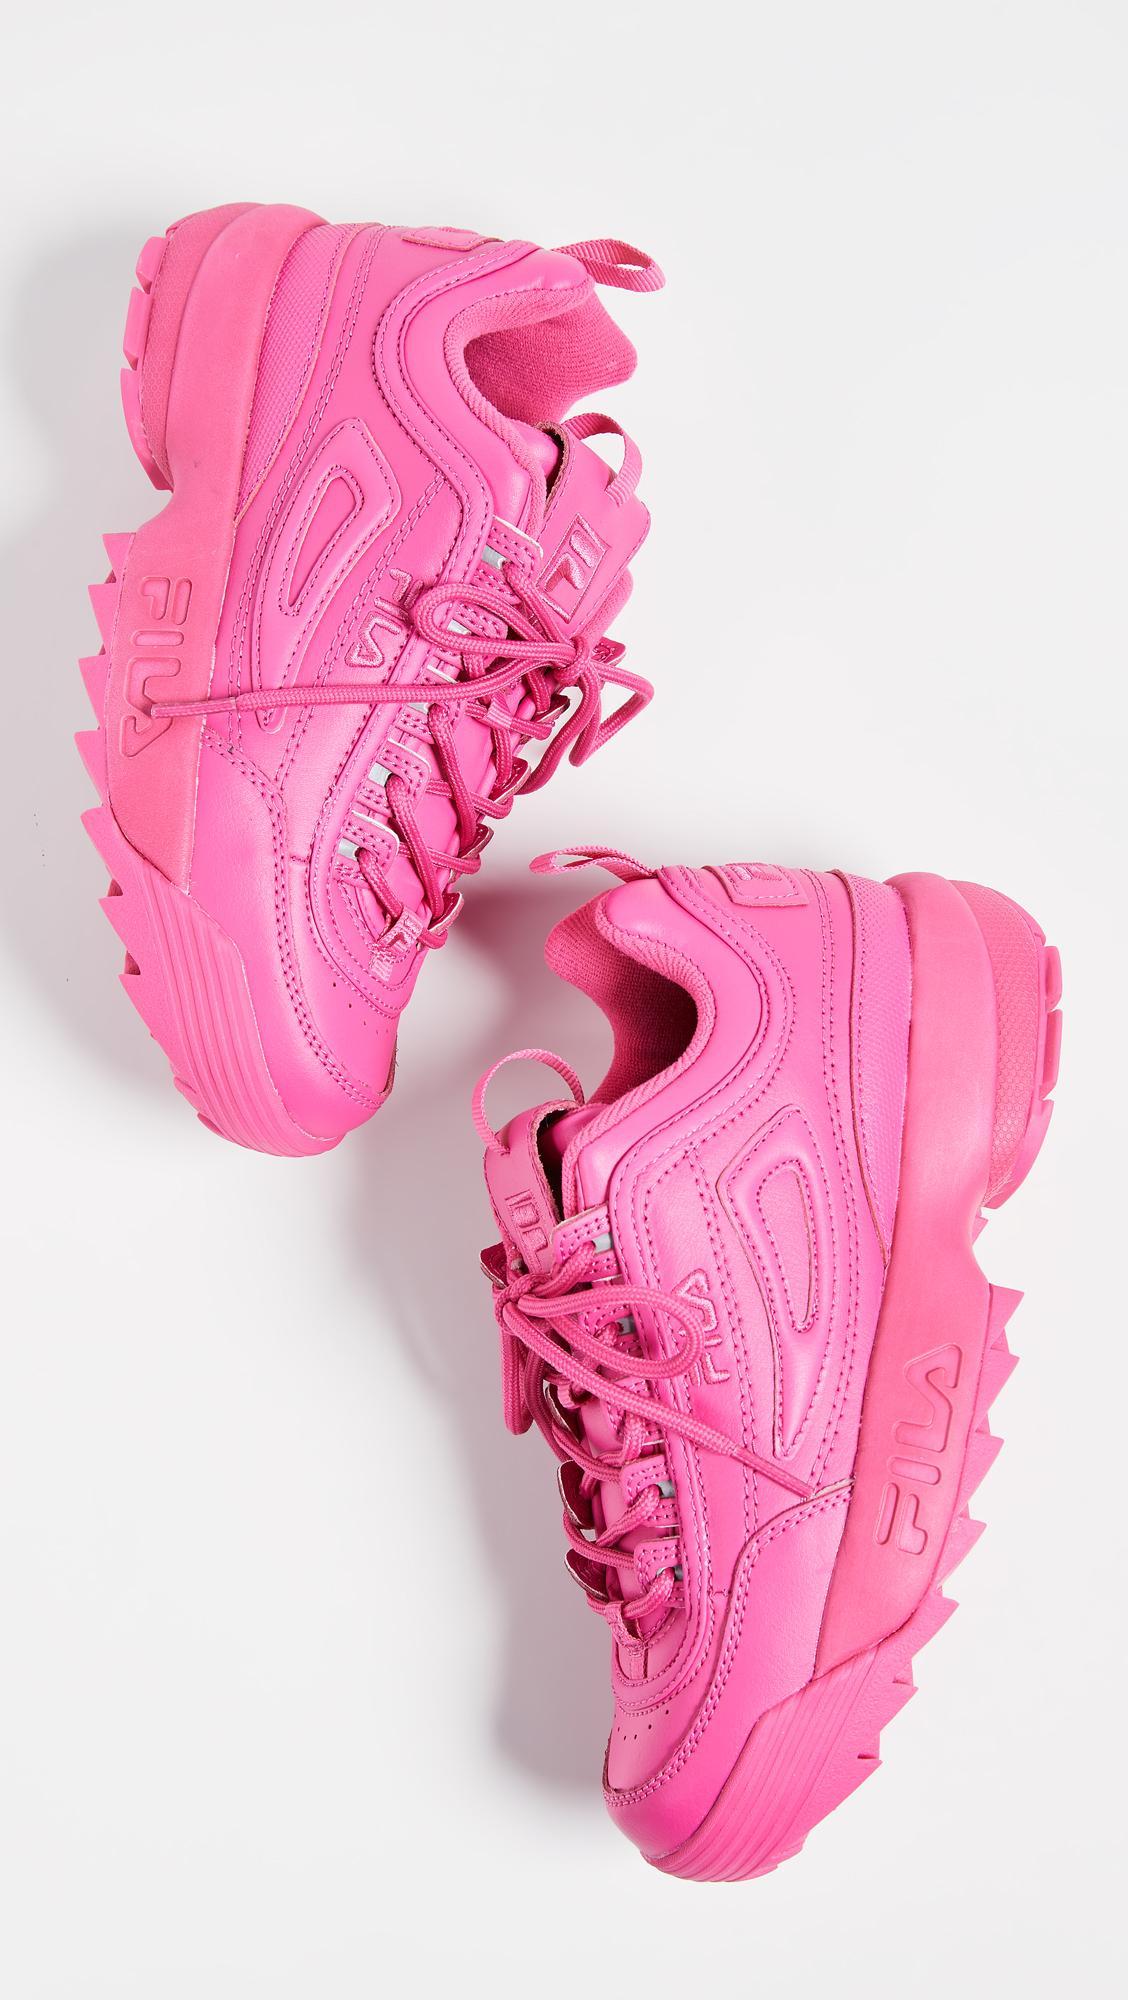 Fila Leather Disruptor Ii Premium Sneakers In Fuchsia